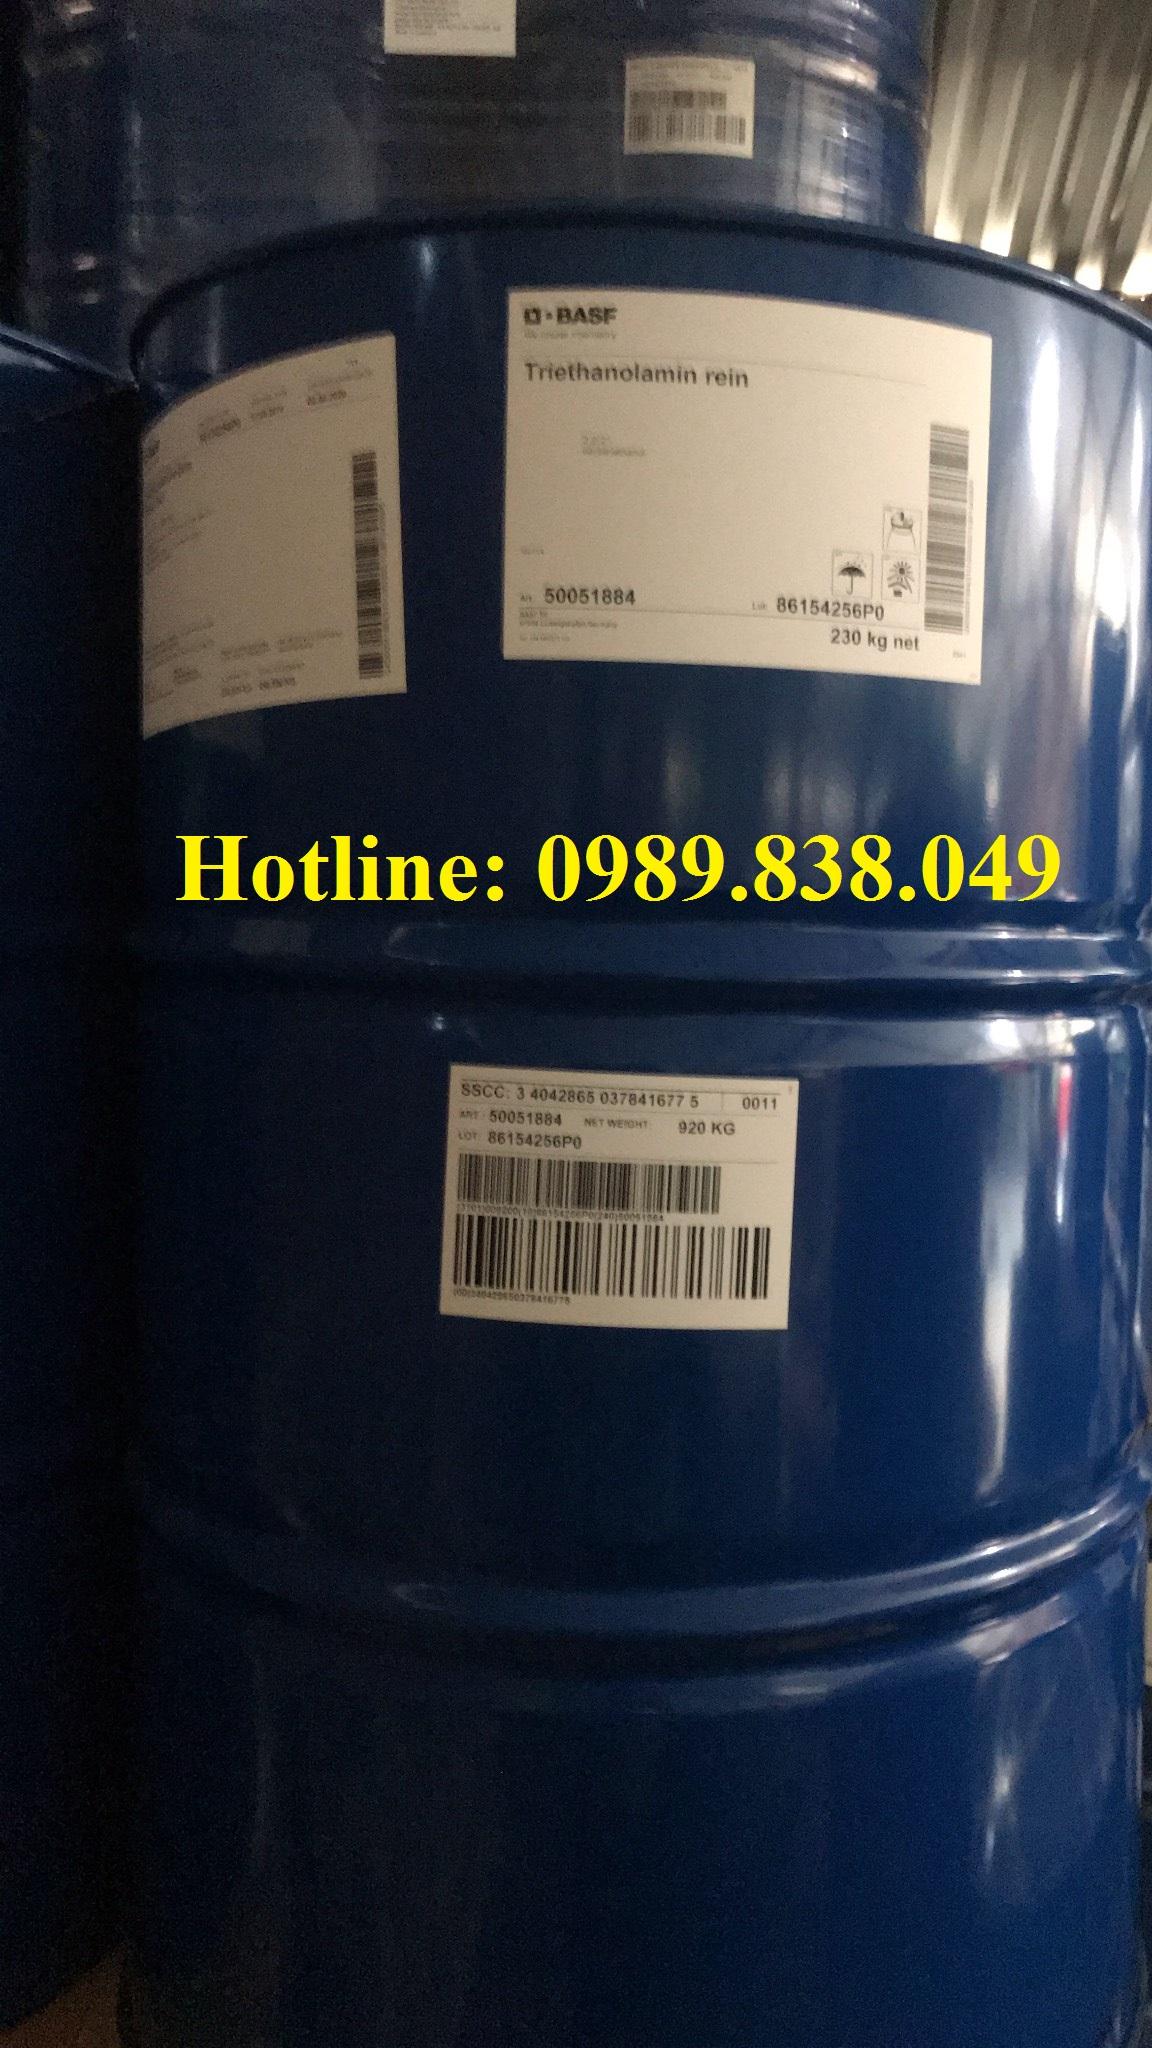 TEA- Triethanolamine- Hóa chất trợ nghiền